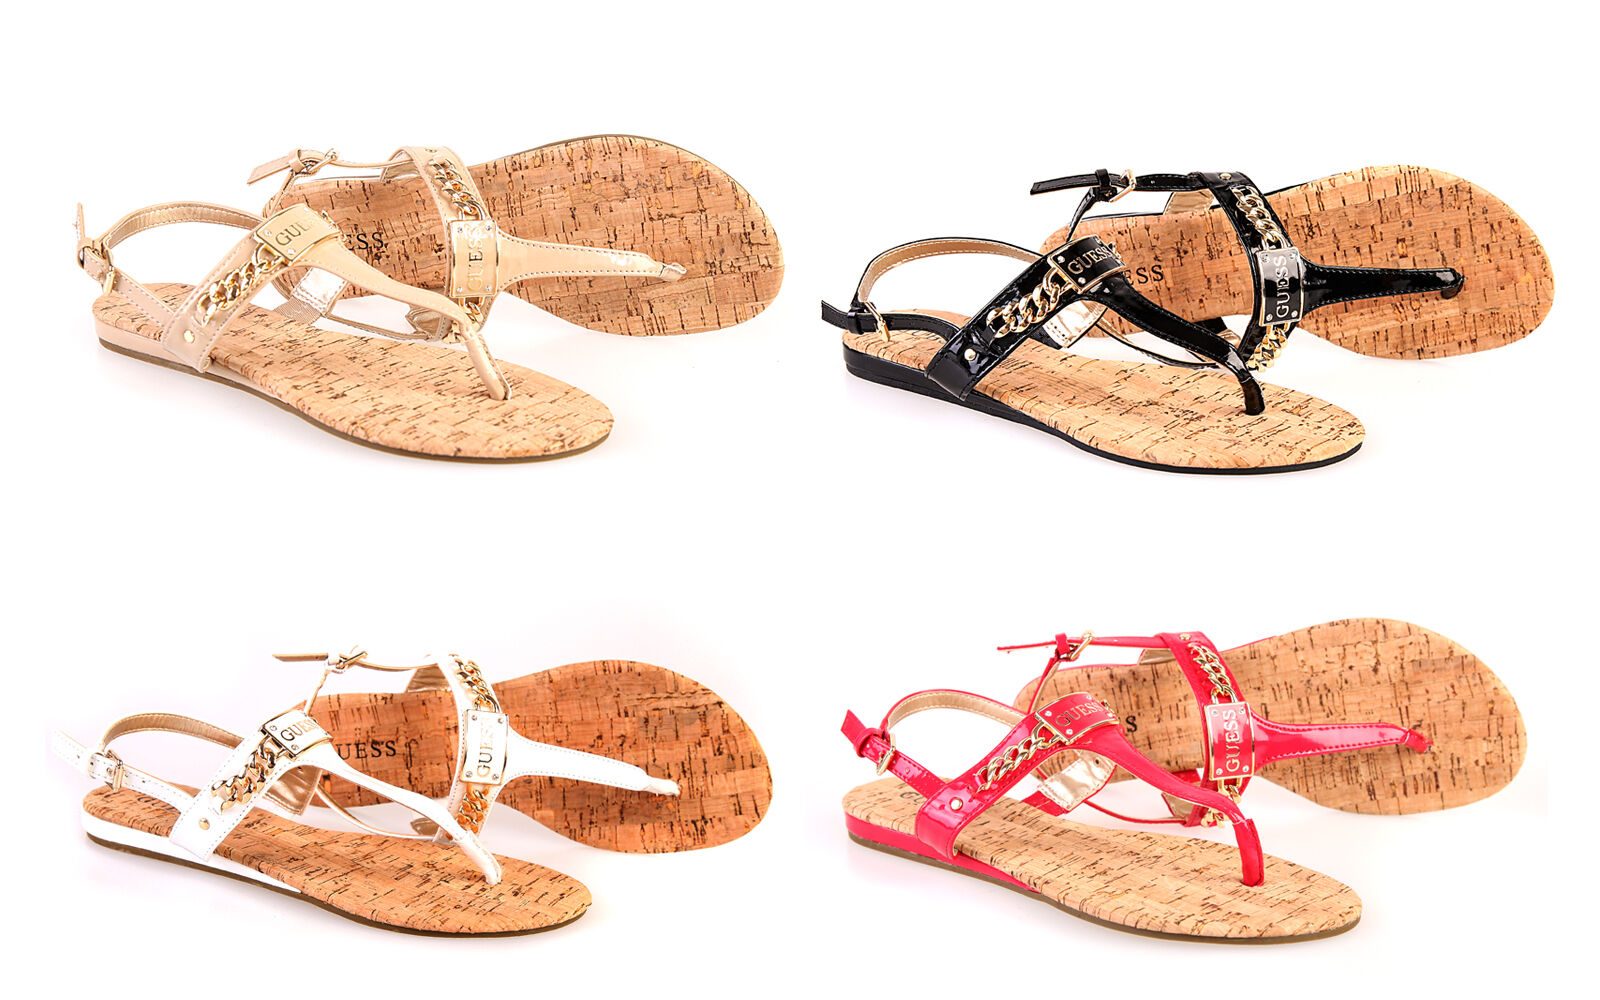 guess damen sandale flip flop sommerschuhe zehensandale kork 4 farben all sizes. Black Bedroom Furniture Sets. Home Design Ideas